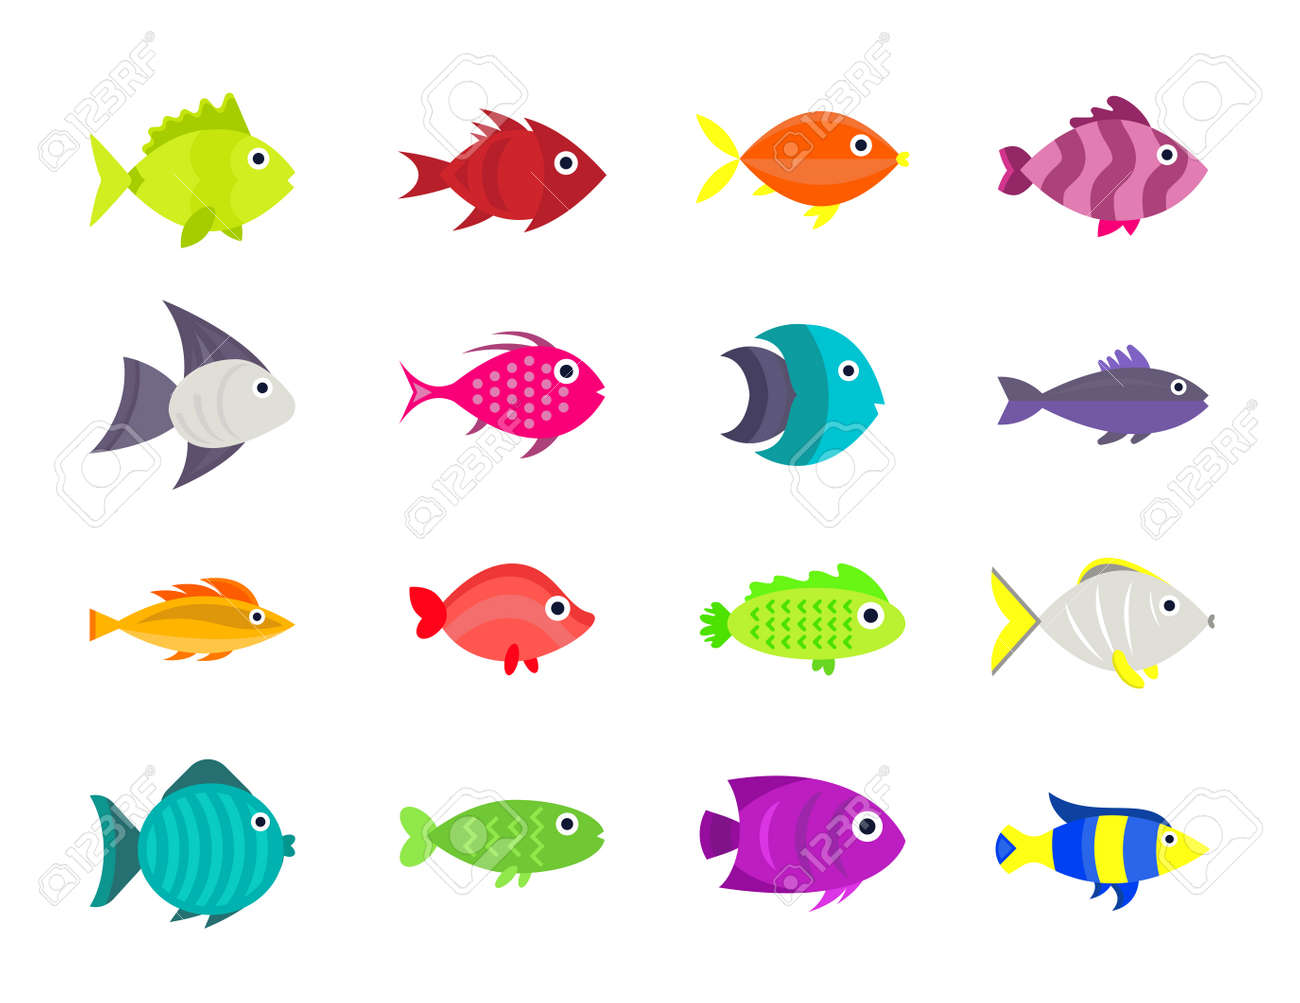 かわいい魚ベクトル イラスト アイコン セット。 ロイヤリティフリー